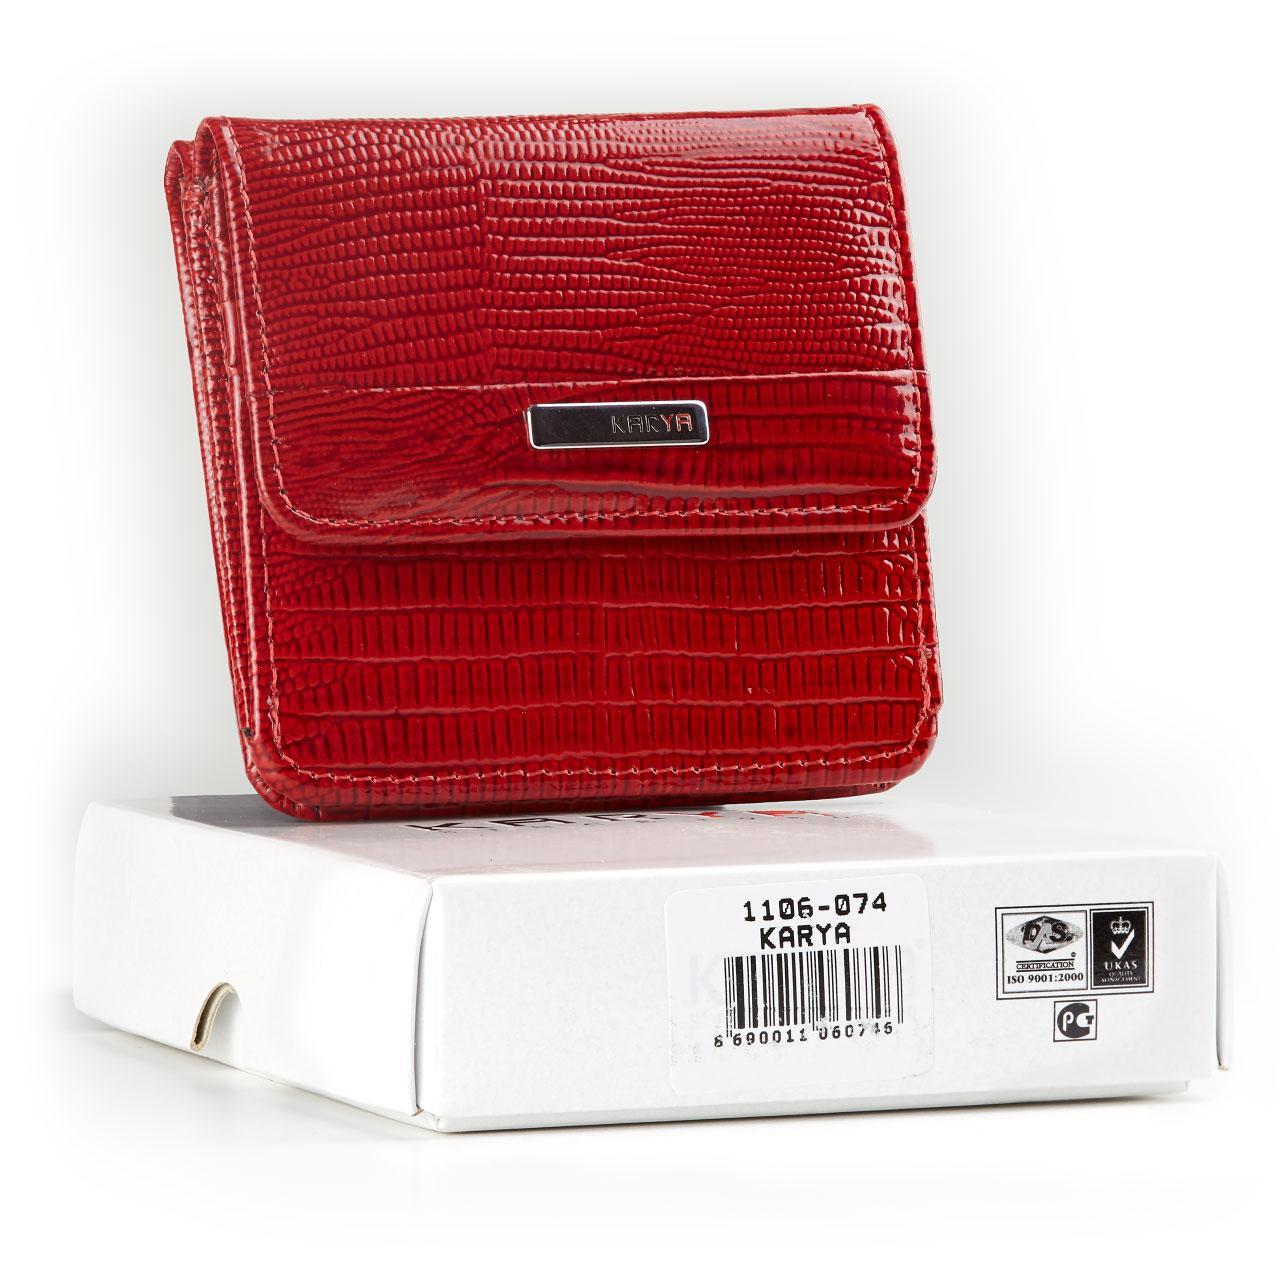 Маленький женский кошелек Karya 1106-074 кожаный красный